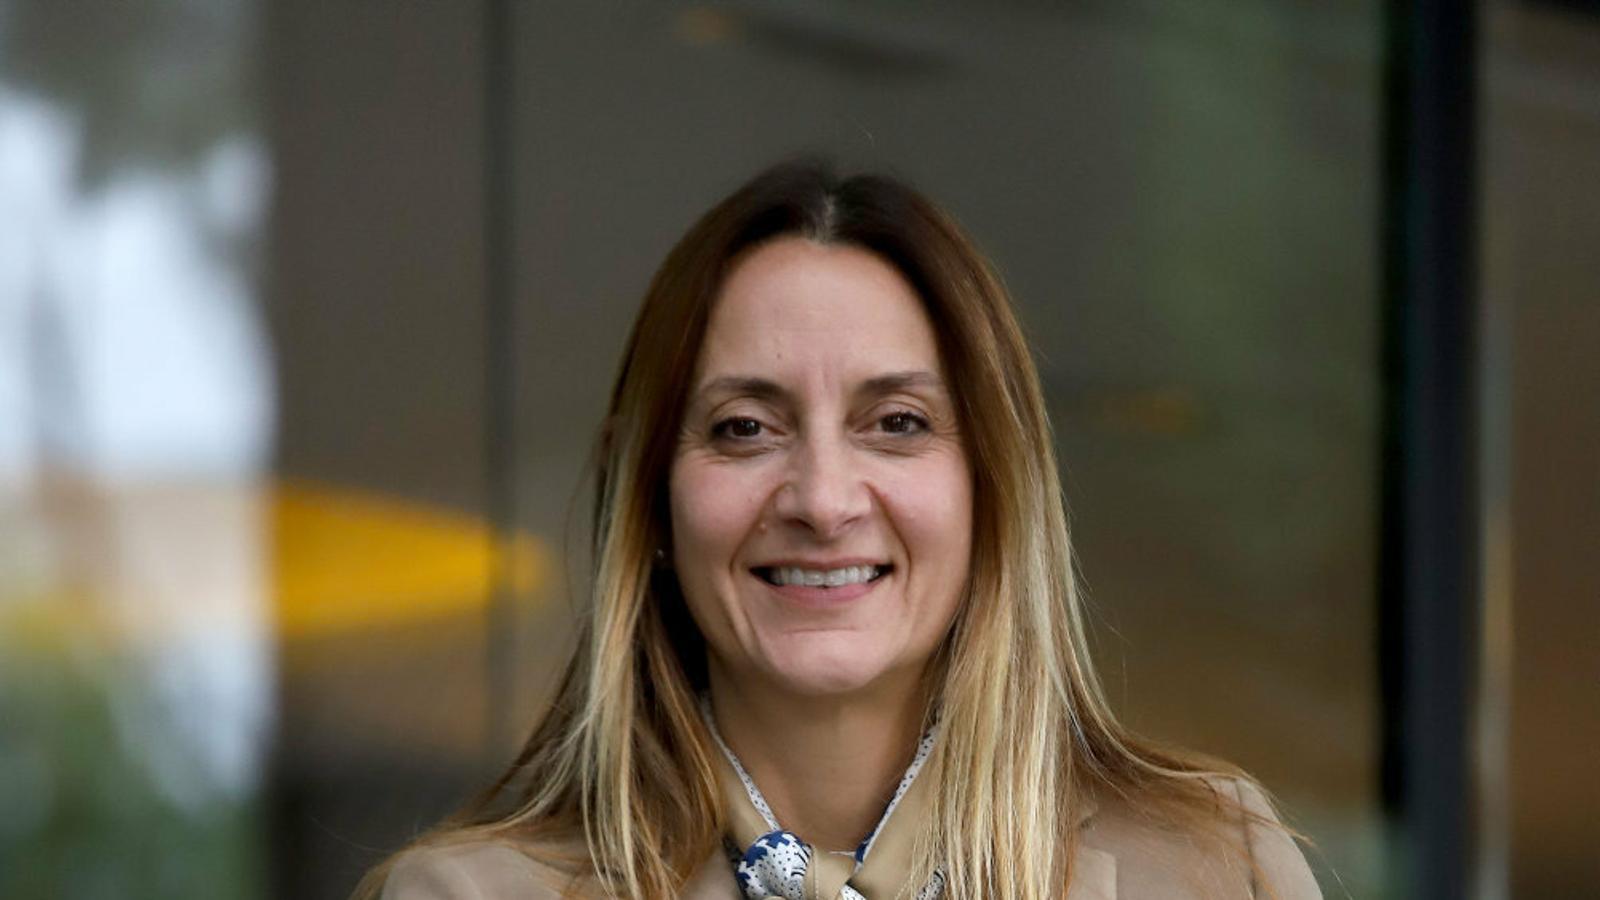 """Catalina Alemay: """"L'objectiu és que els nostres hotels siguin espais segurs per als nins"""""""